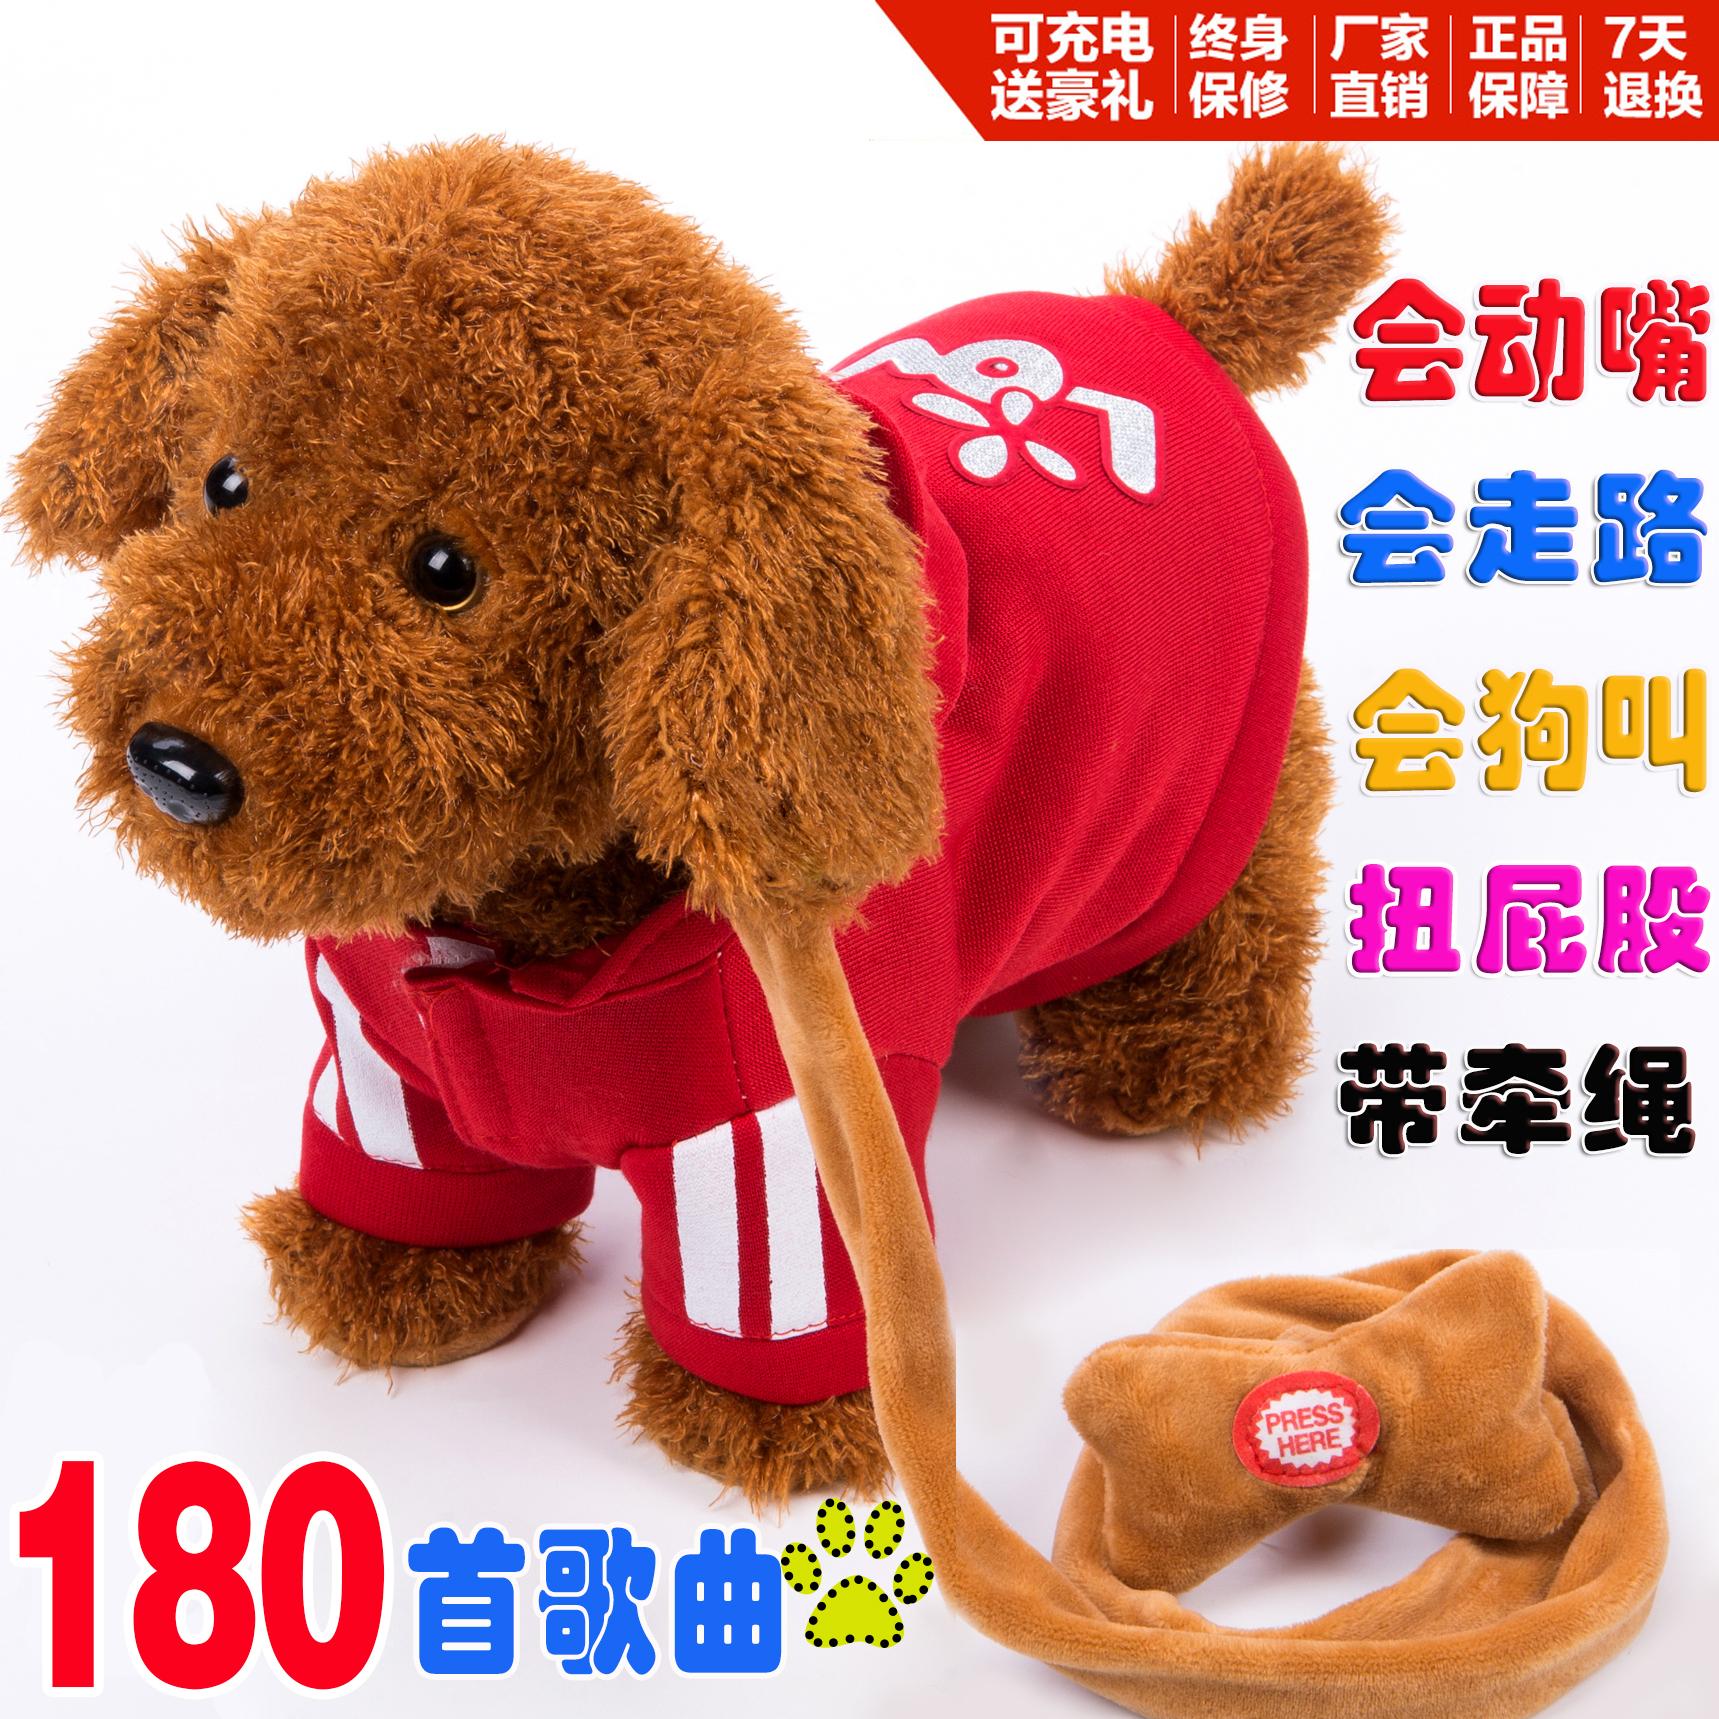 Ребенок электрический плюш игрушка собака может спойте песню танцы электронный машины собака моделирование тедди тянуть веревка гулять щенок